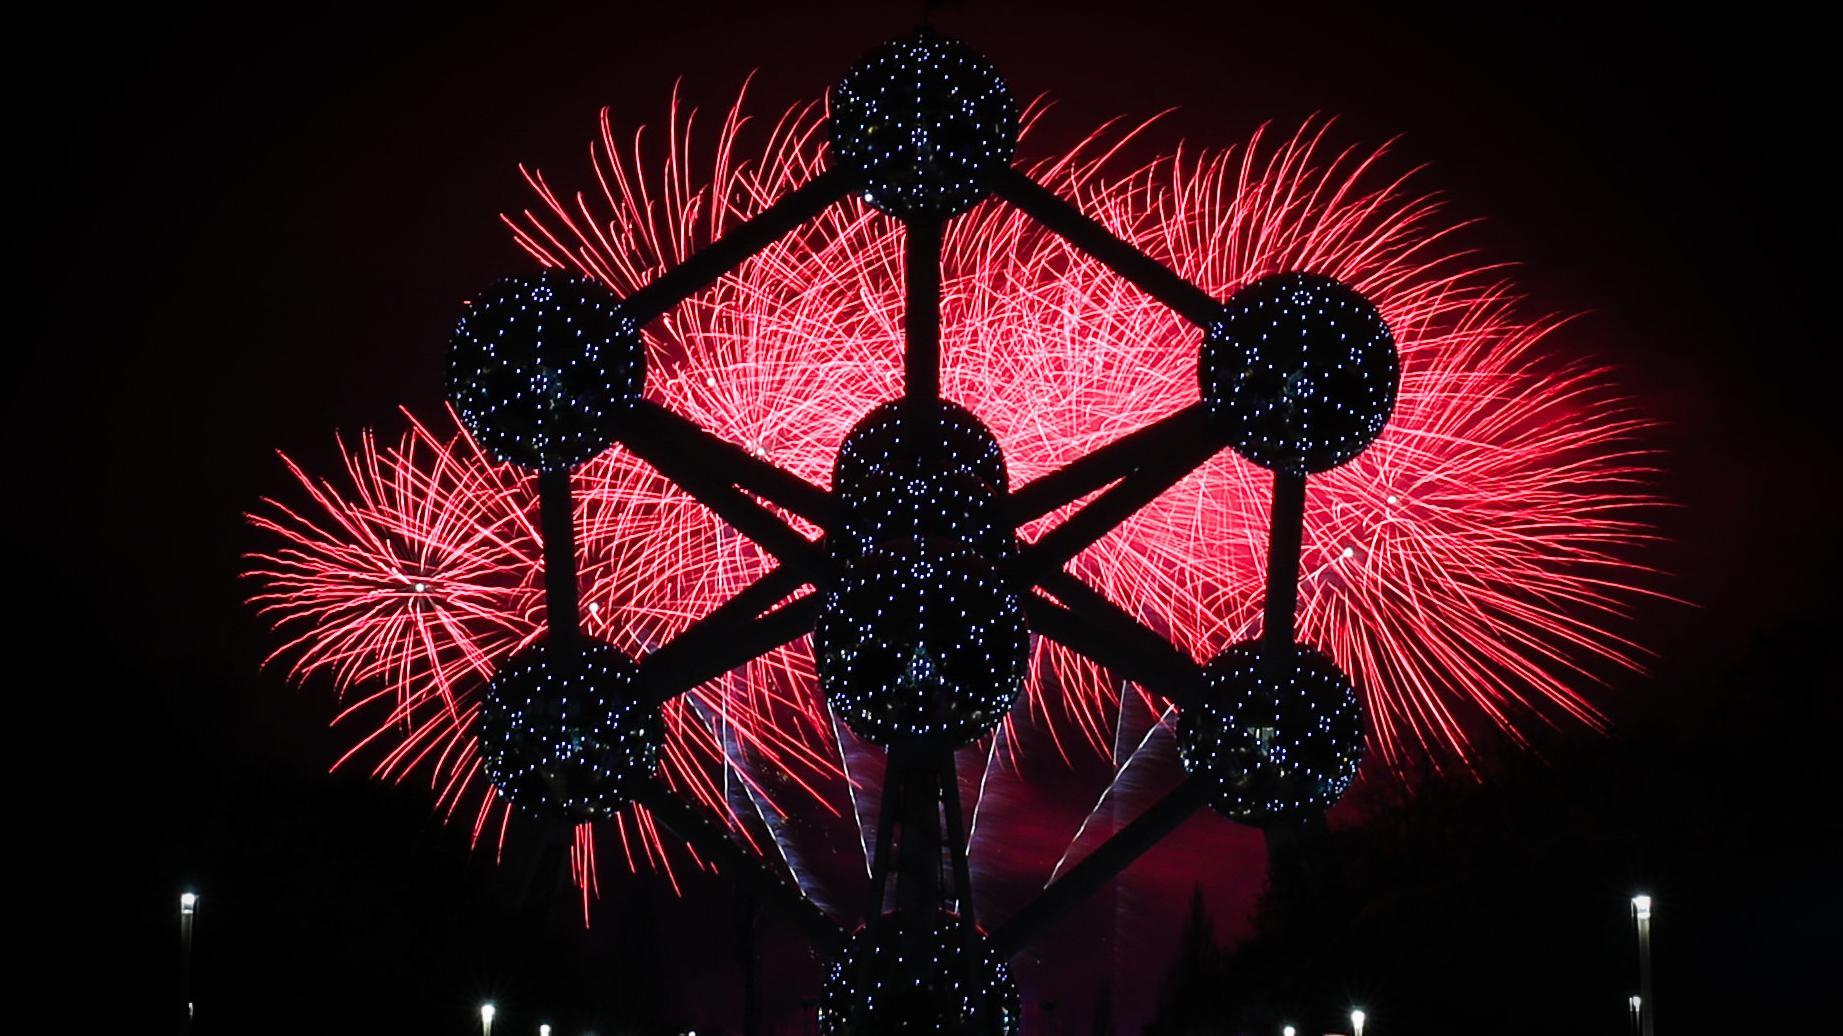 Vom Feuerwerk erleuchteter Himmel am Atomium in Brüssel